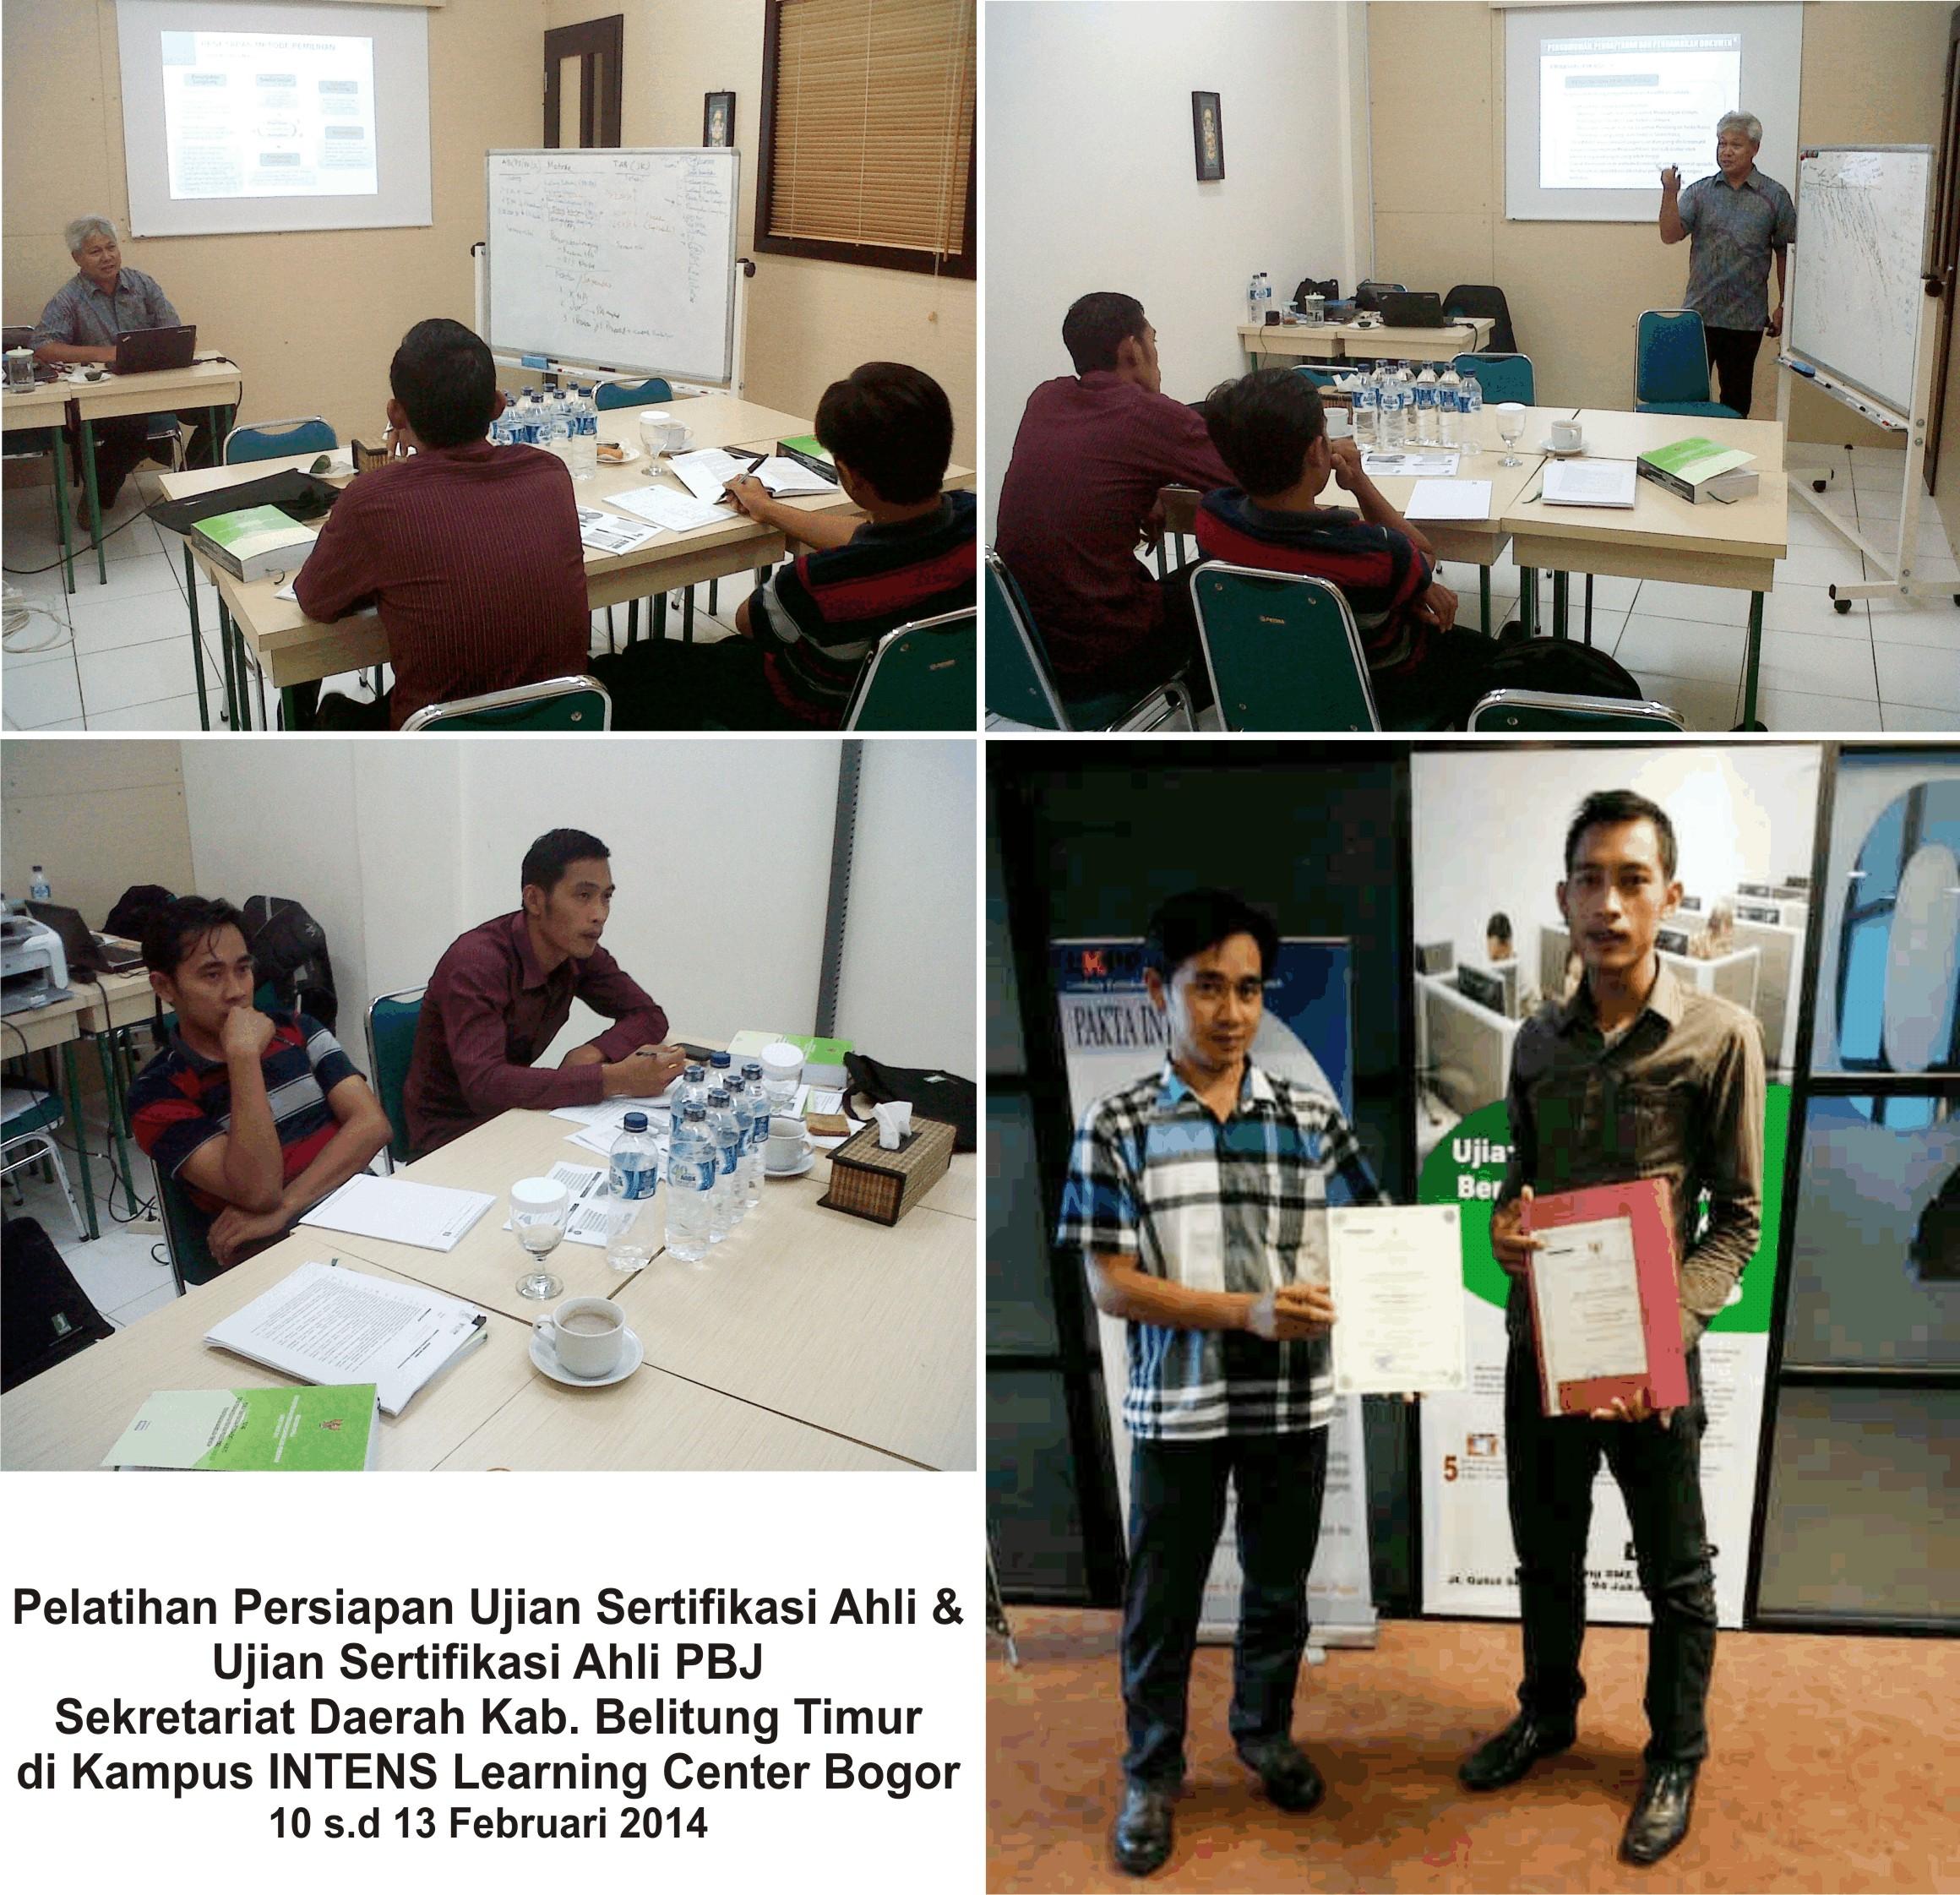 Pelatihan Persiapan Ujian Sertifikasi PBJ Setda Kab. Belitung Timur